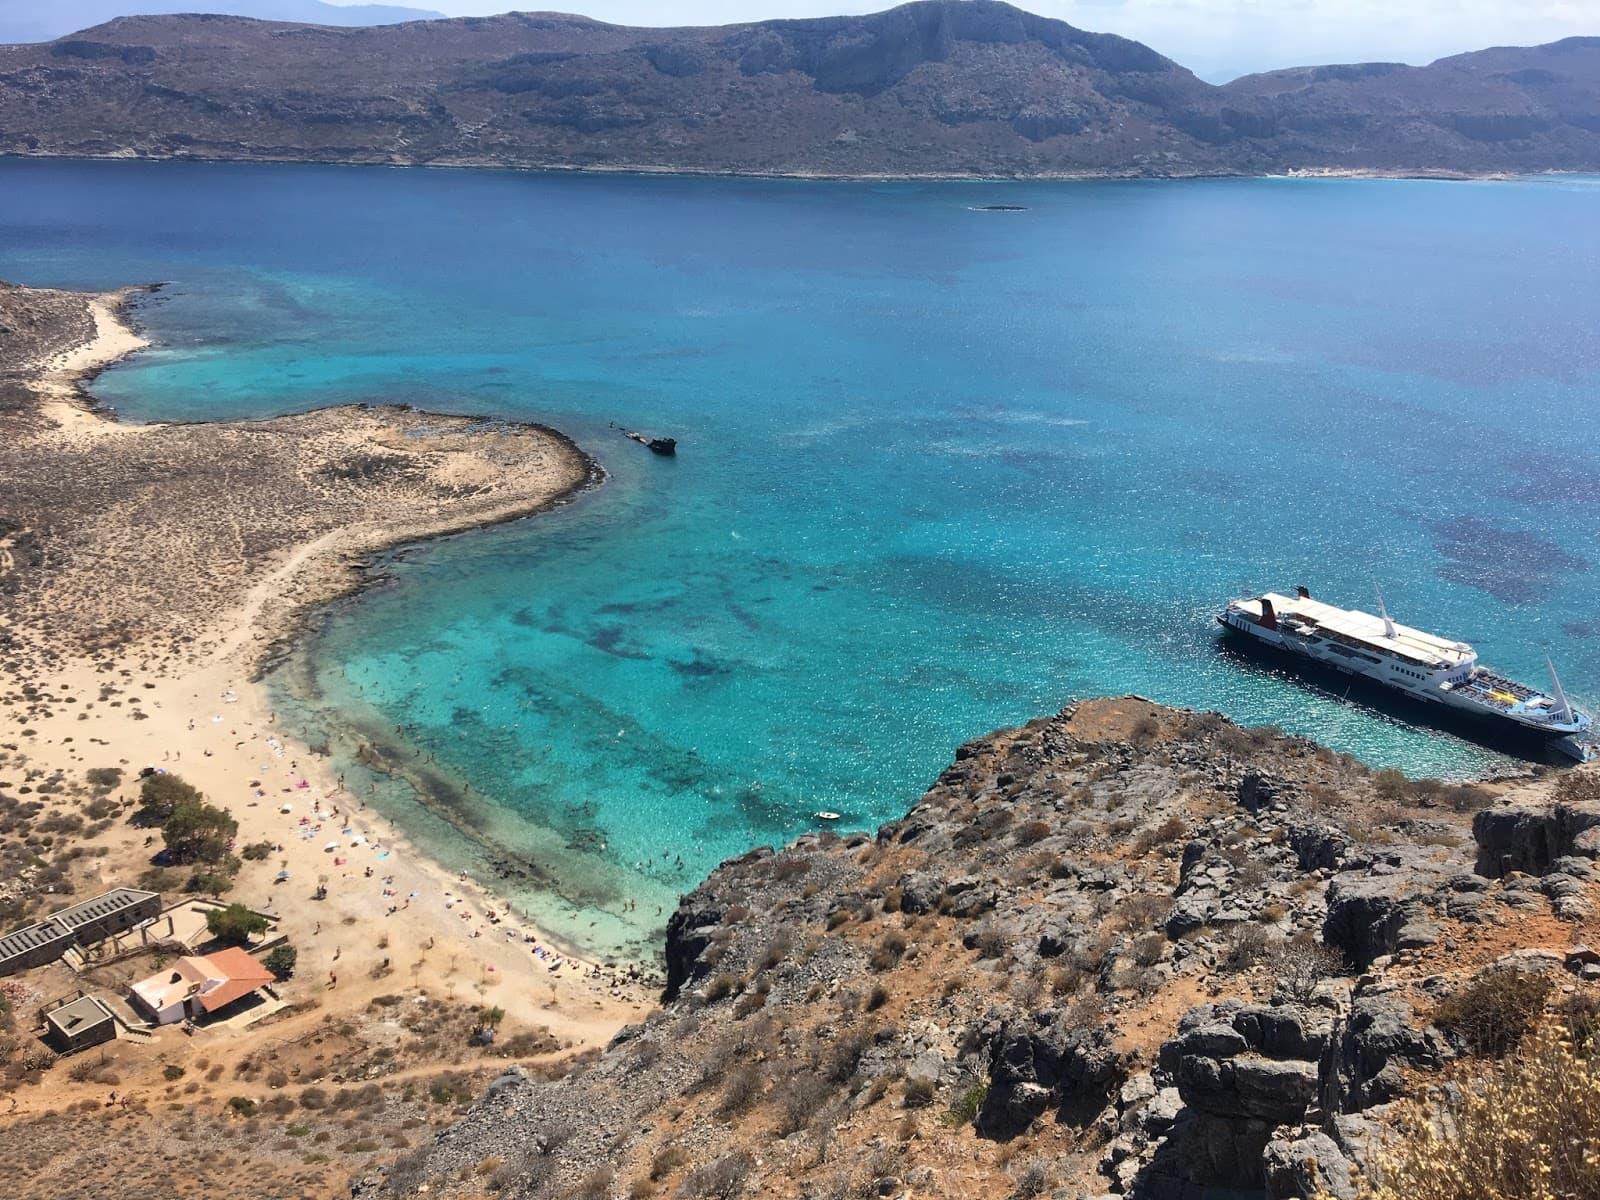 Достопримечательности острова Крит, Греция